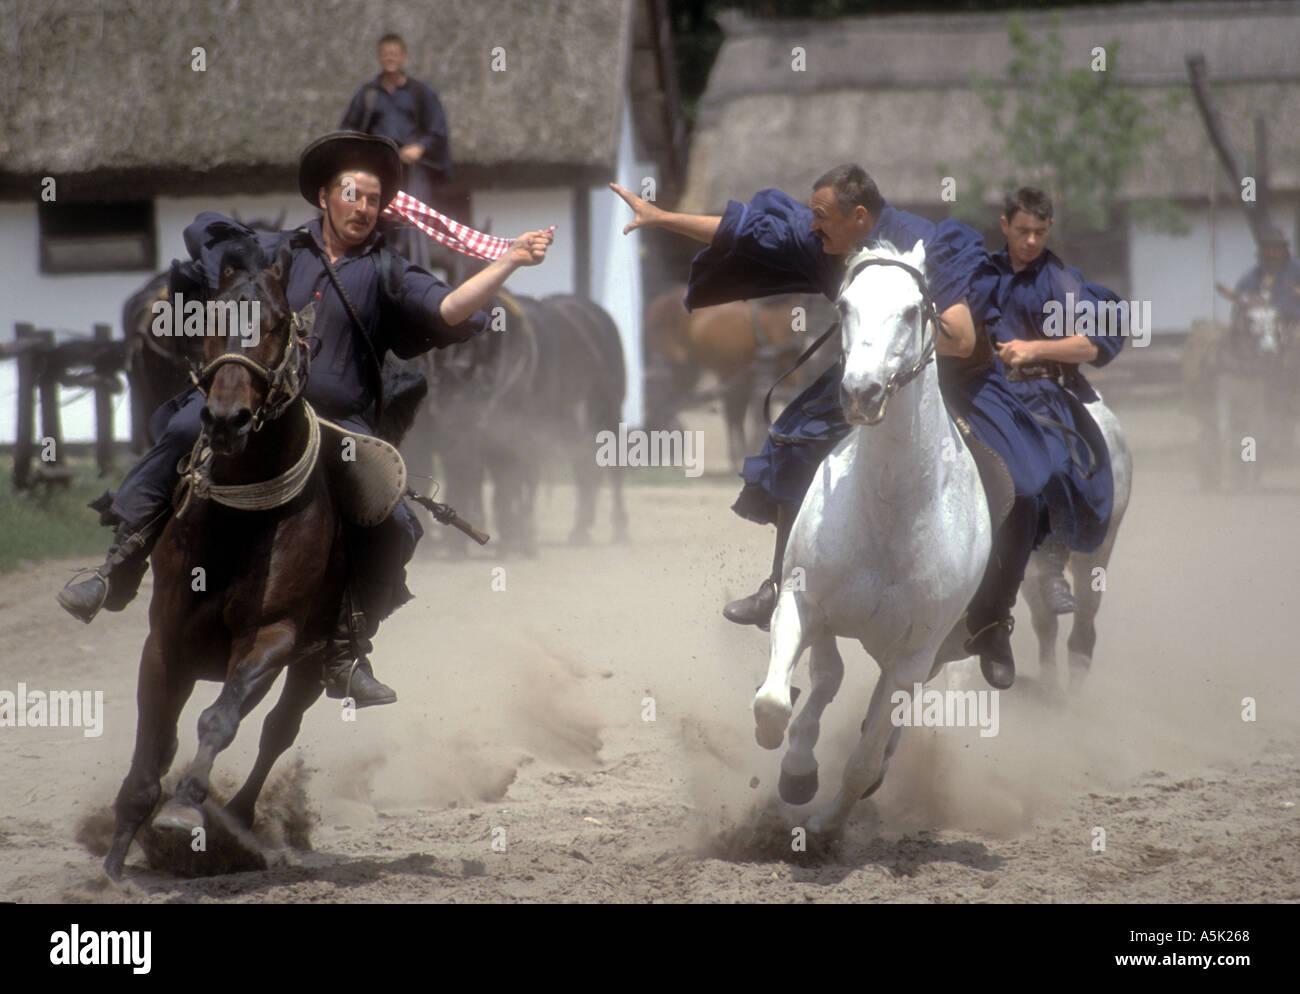 Magyar horseman play games at a show, Varga Tanya - Stock Image